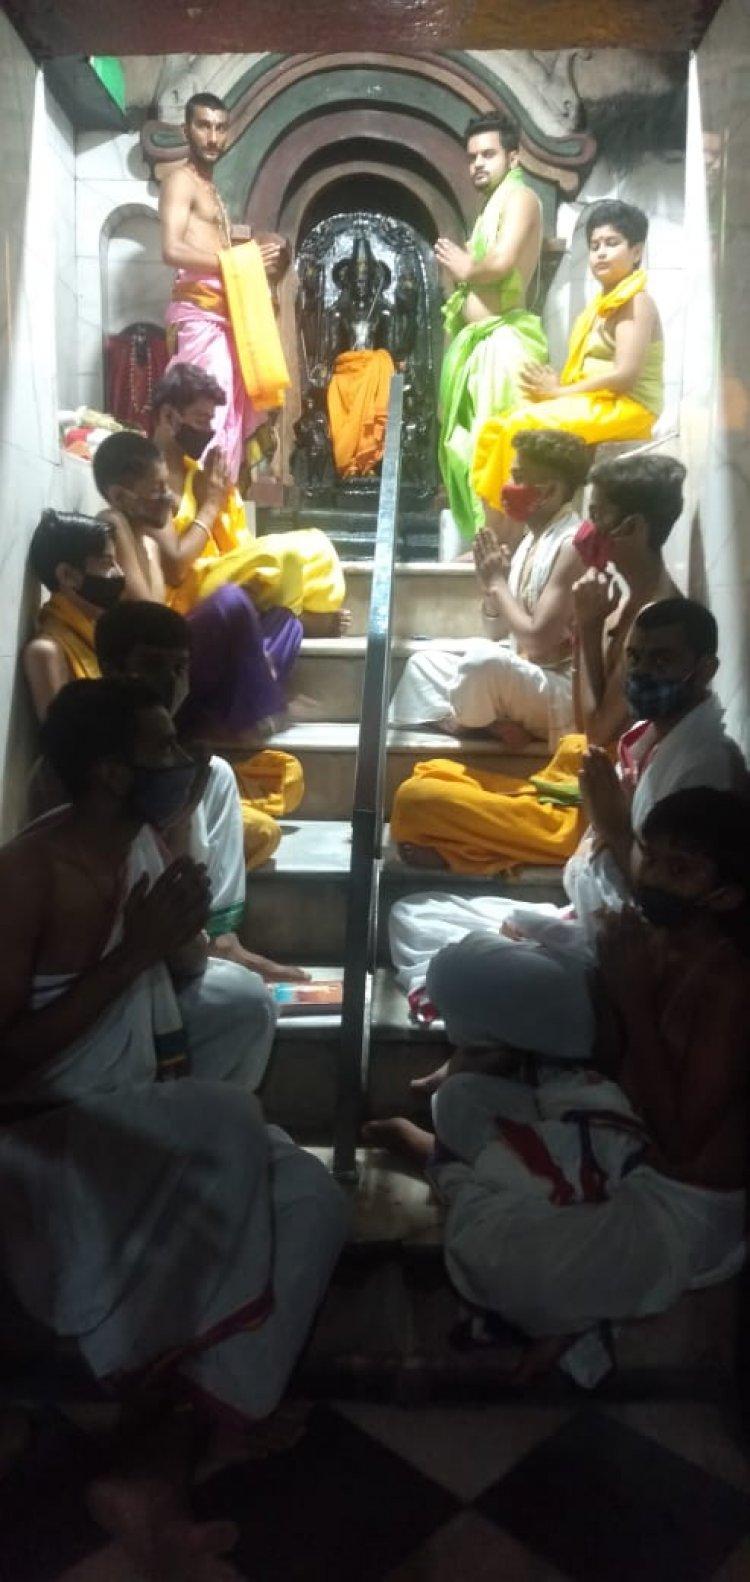 भगवान नरसिंह जयंती पर कल्याण एवं आरोग्यता के लिए आयोजित हुआ विशेष अनुष्ठान...